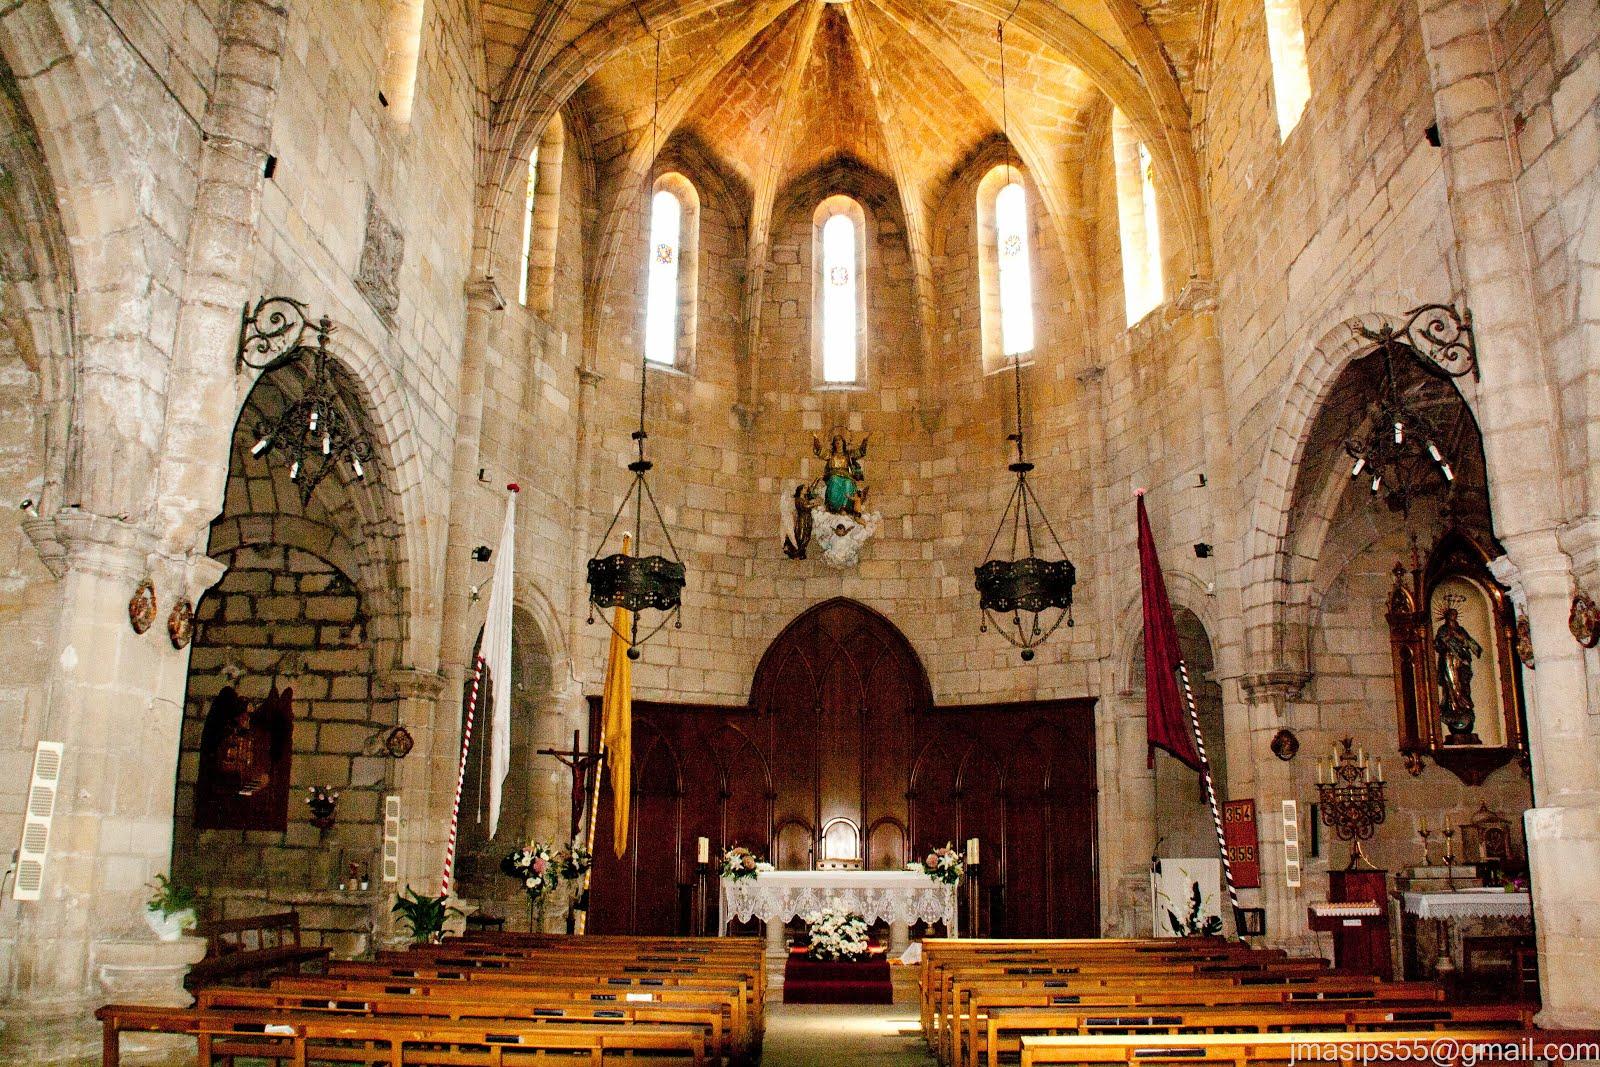 Església de Flix